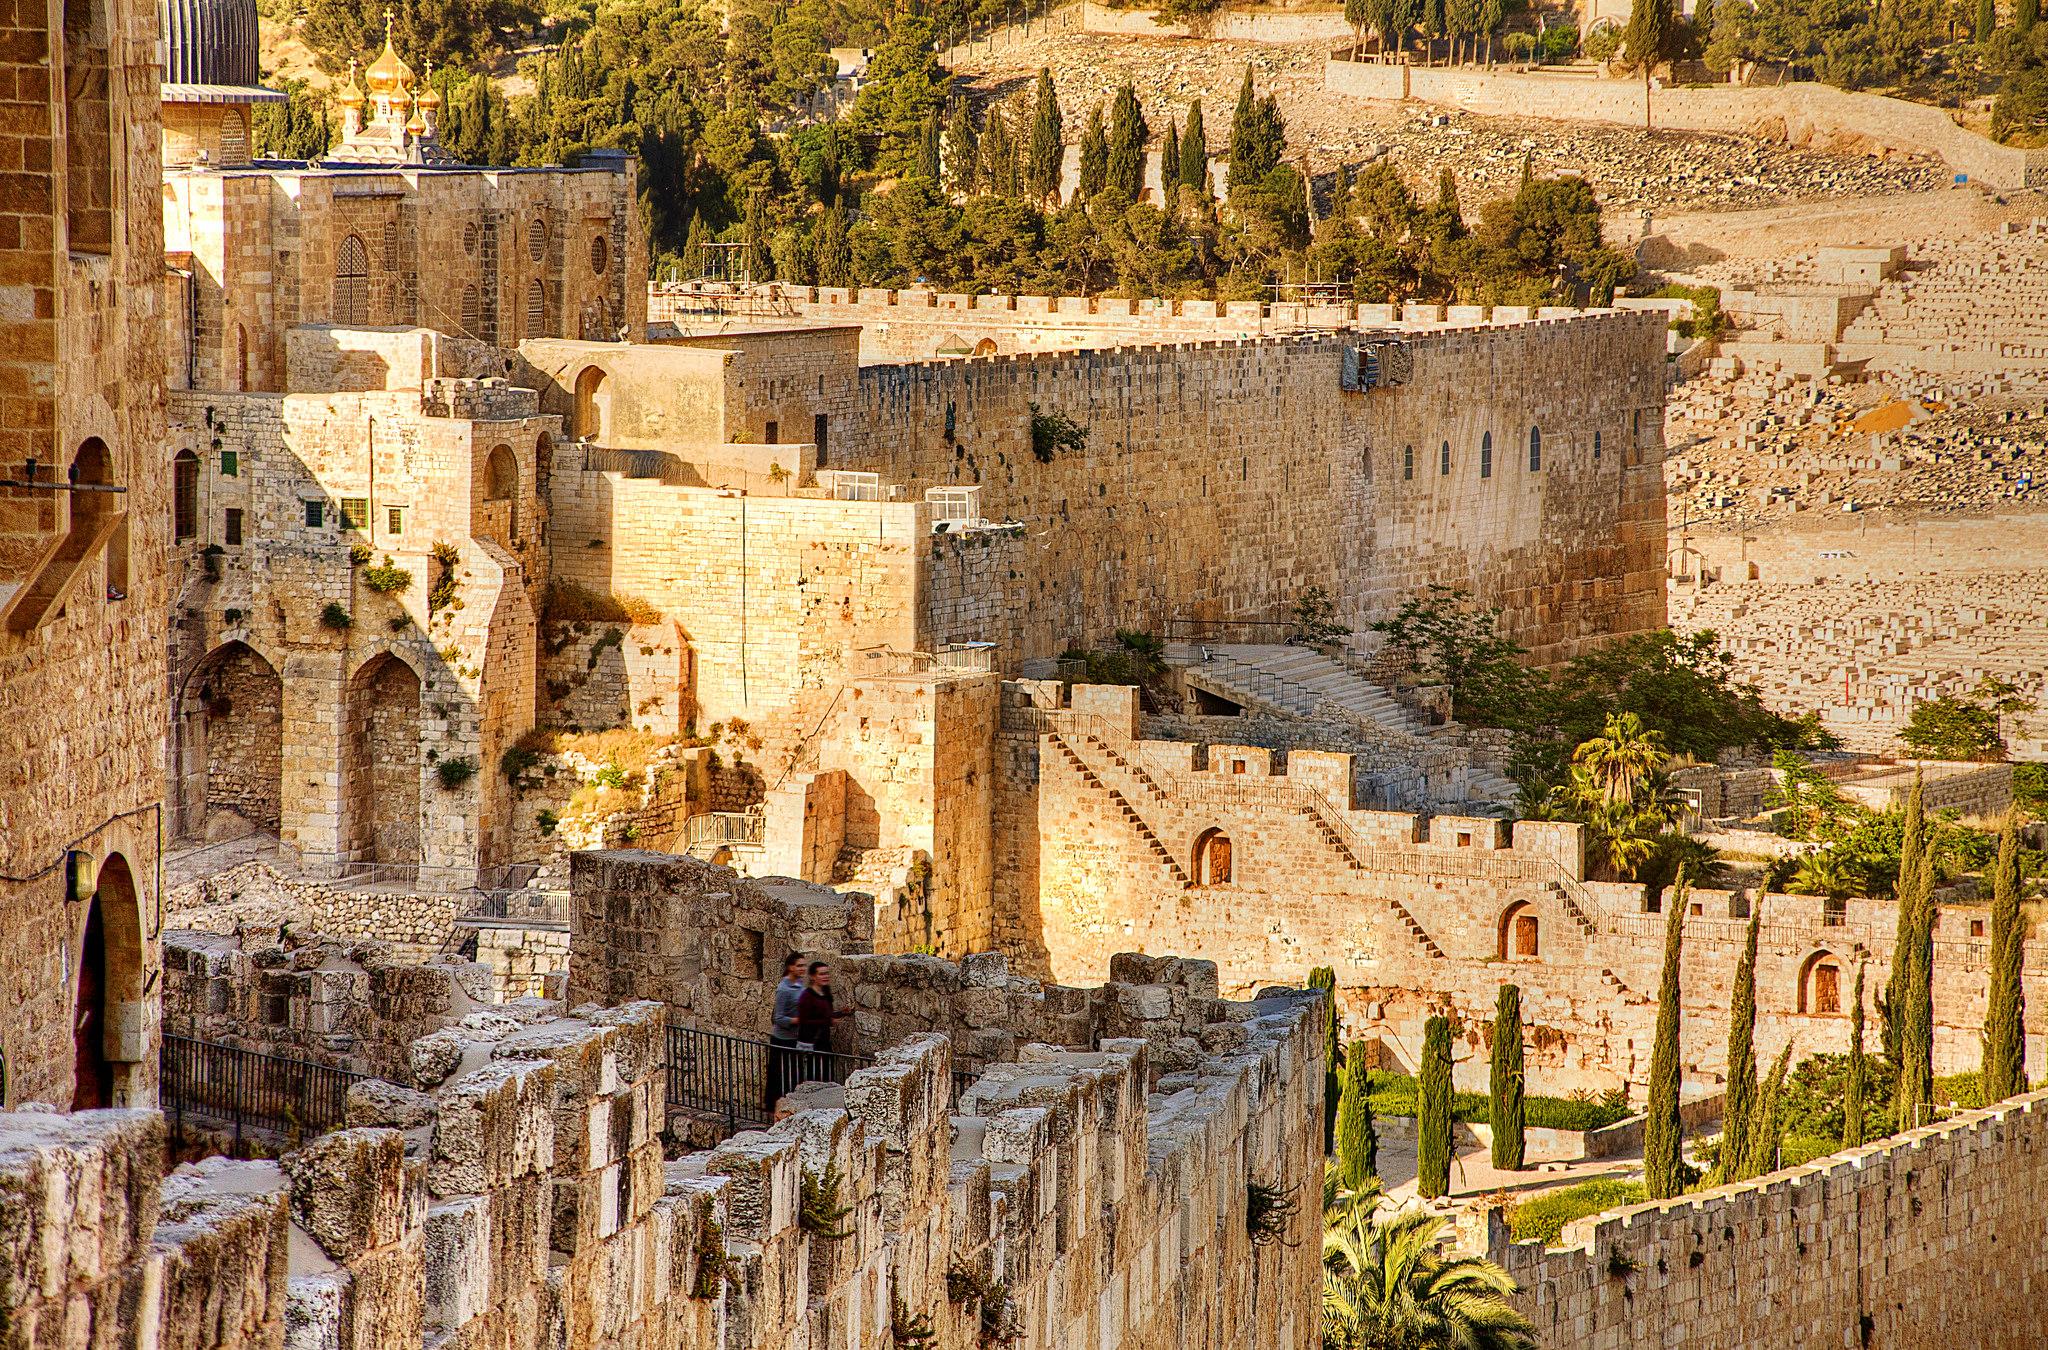 Археологи нашли на территории Иерусалима древнее захоронение обезглавленных жаб